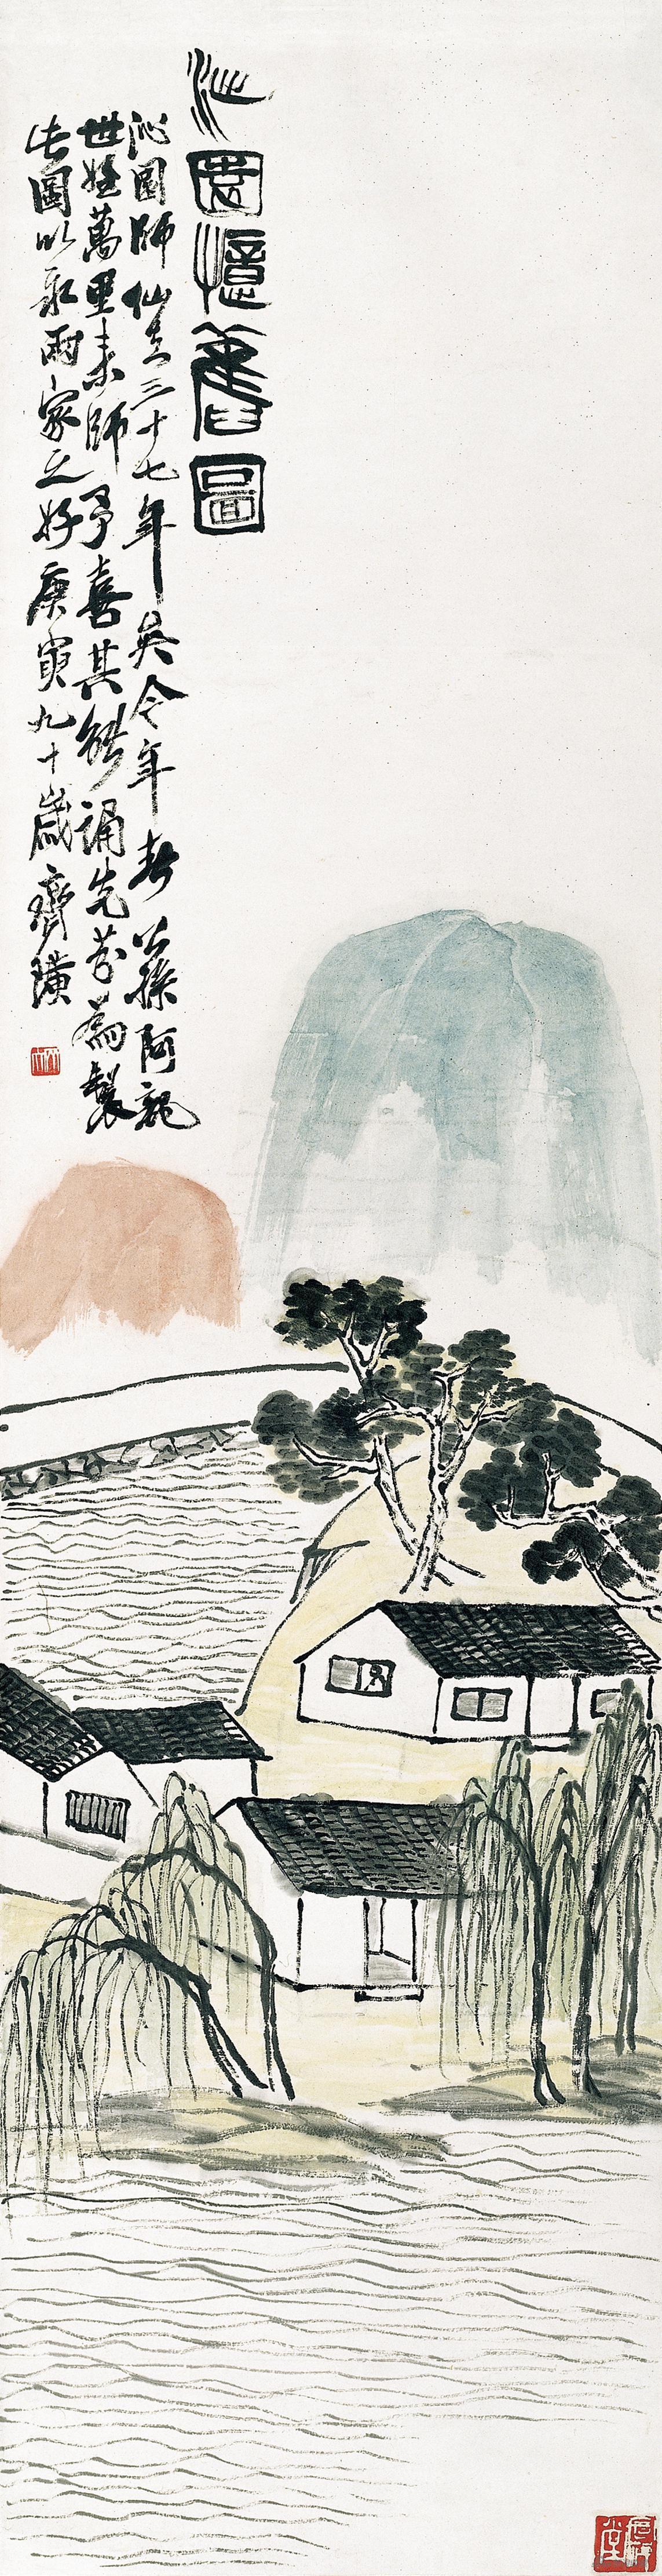 沁园忆旧图 齐白石 1950年 136.4×35.3cm 纸本设色 辽宁省博物馆藏